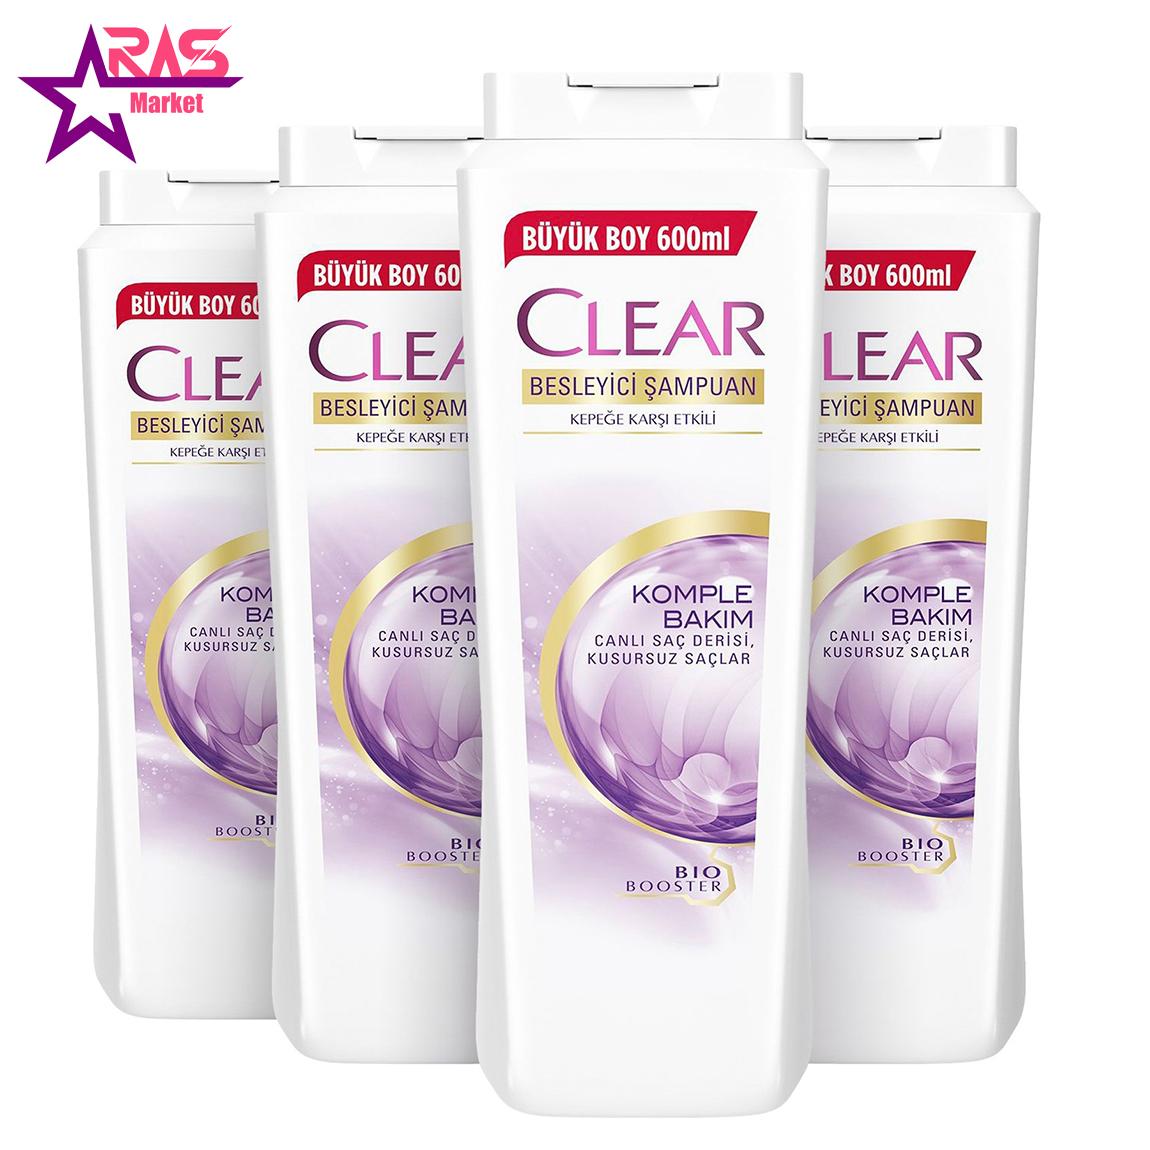 شامپو زنانه کلیر ضد شوره و ترمیم و تقویت کننده مو 600 میلی لیتر ، فروشگاه اینترنتی ارس مارکت ، clear women shampoo